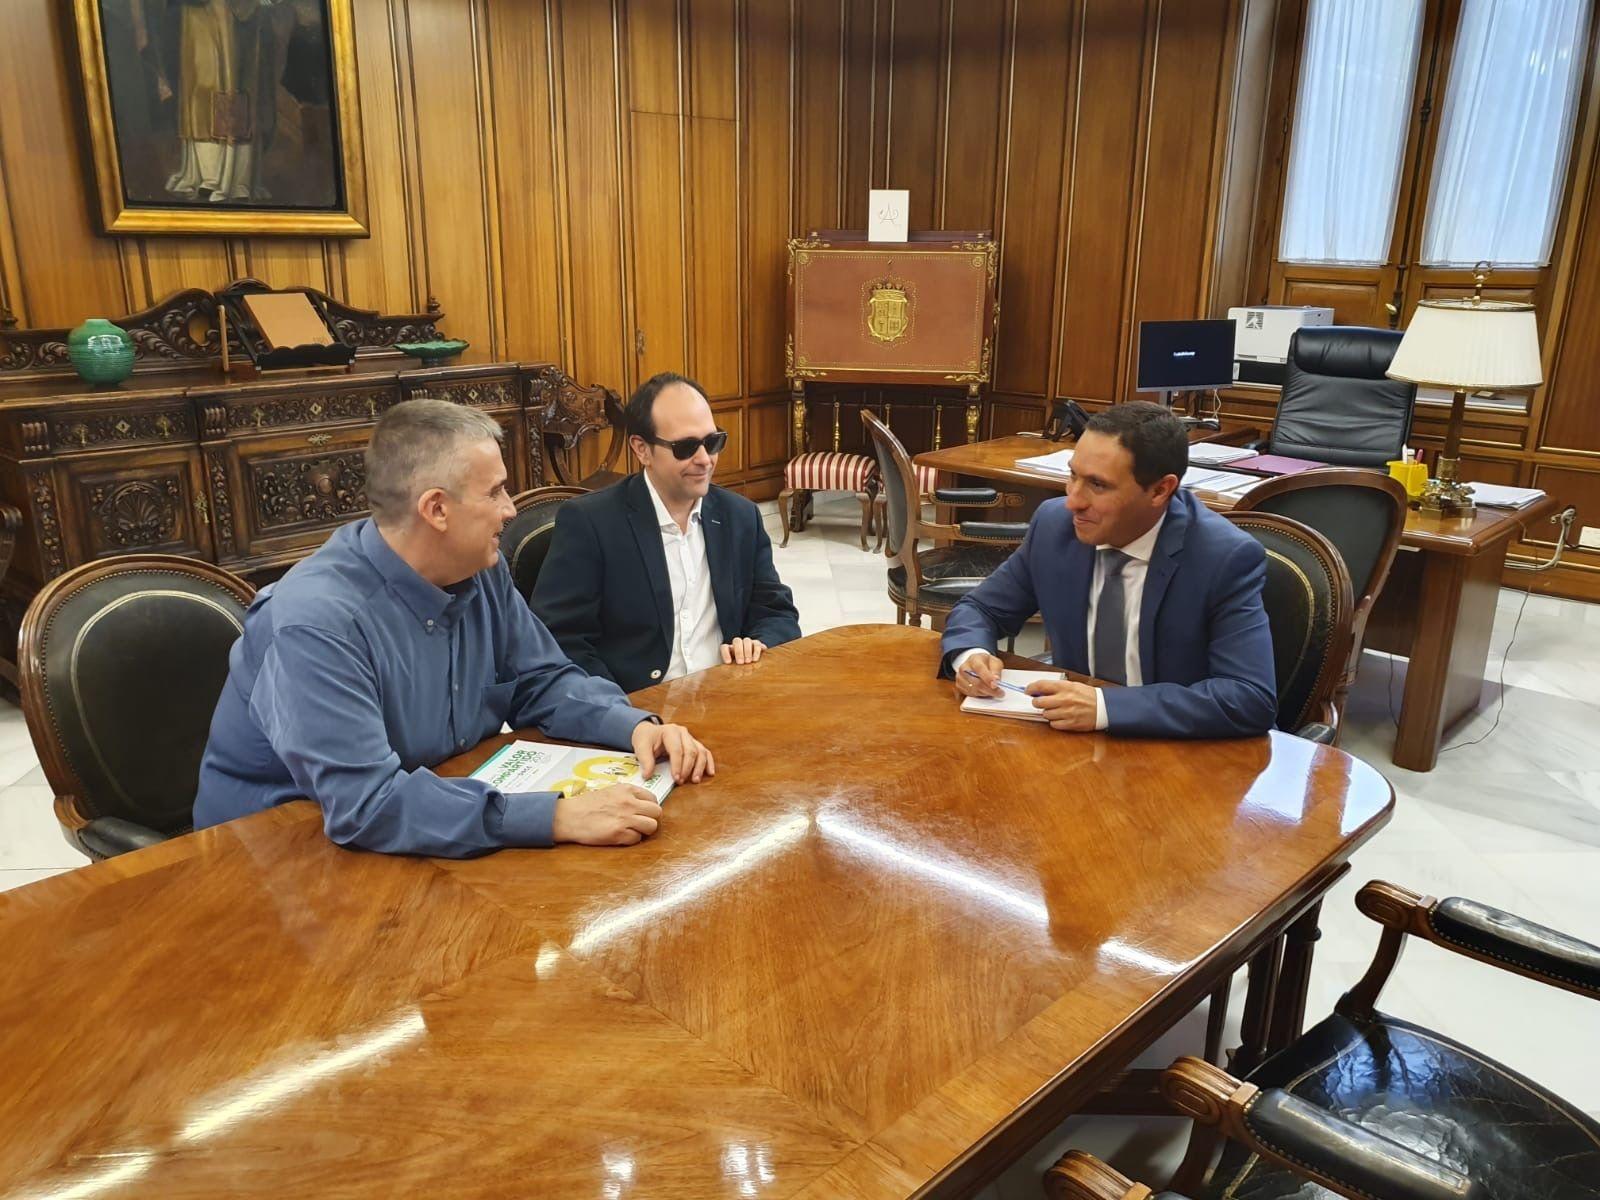 La Diputación de Cuenca y la ONCE colaborarán para mejorar la calidad de vida de las personas con discapacidad